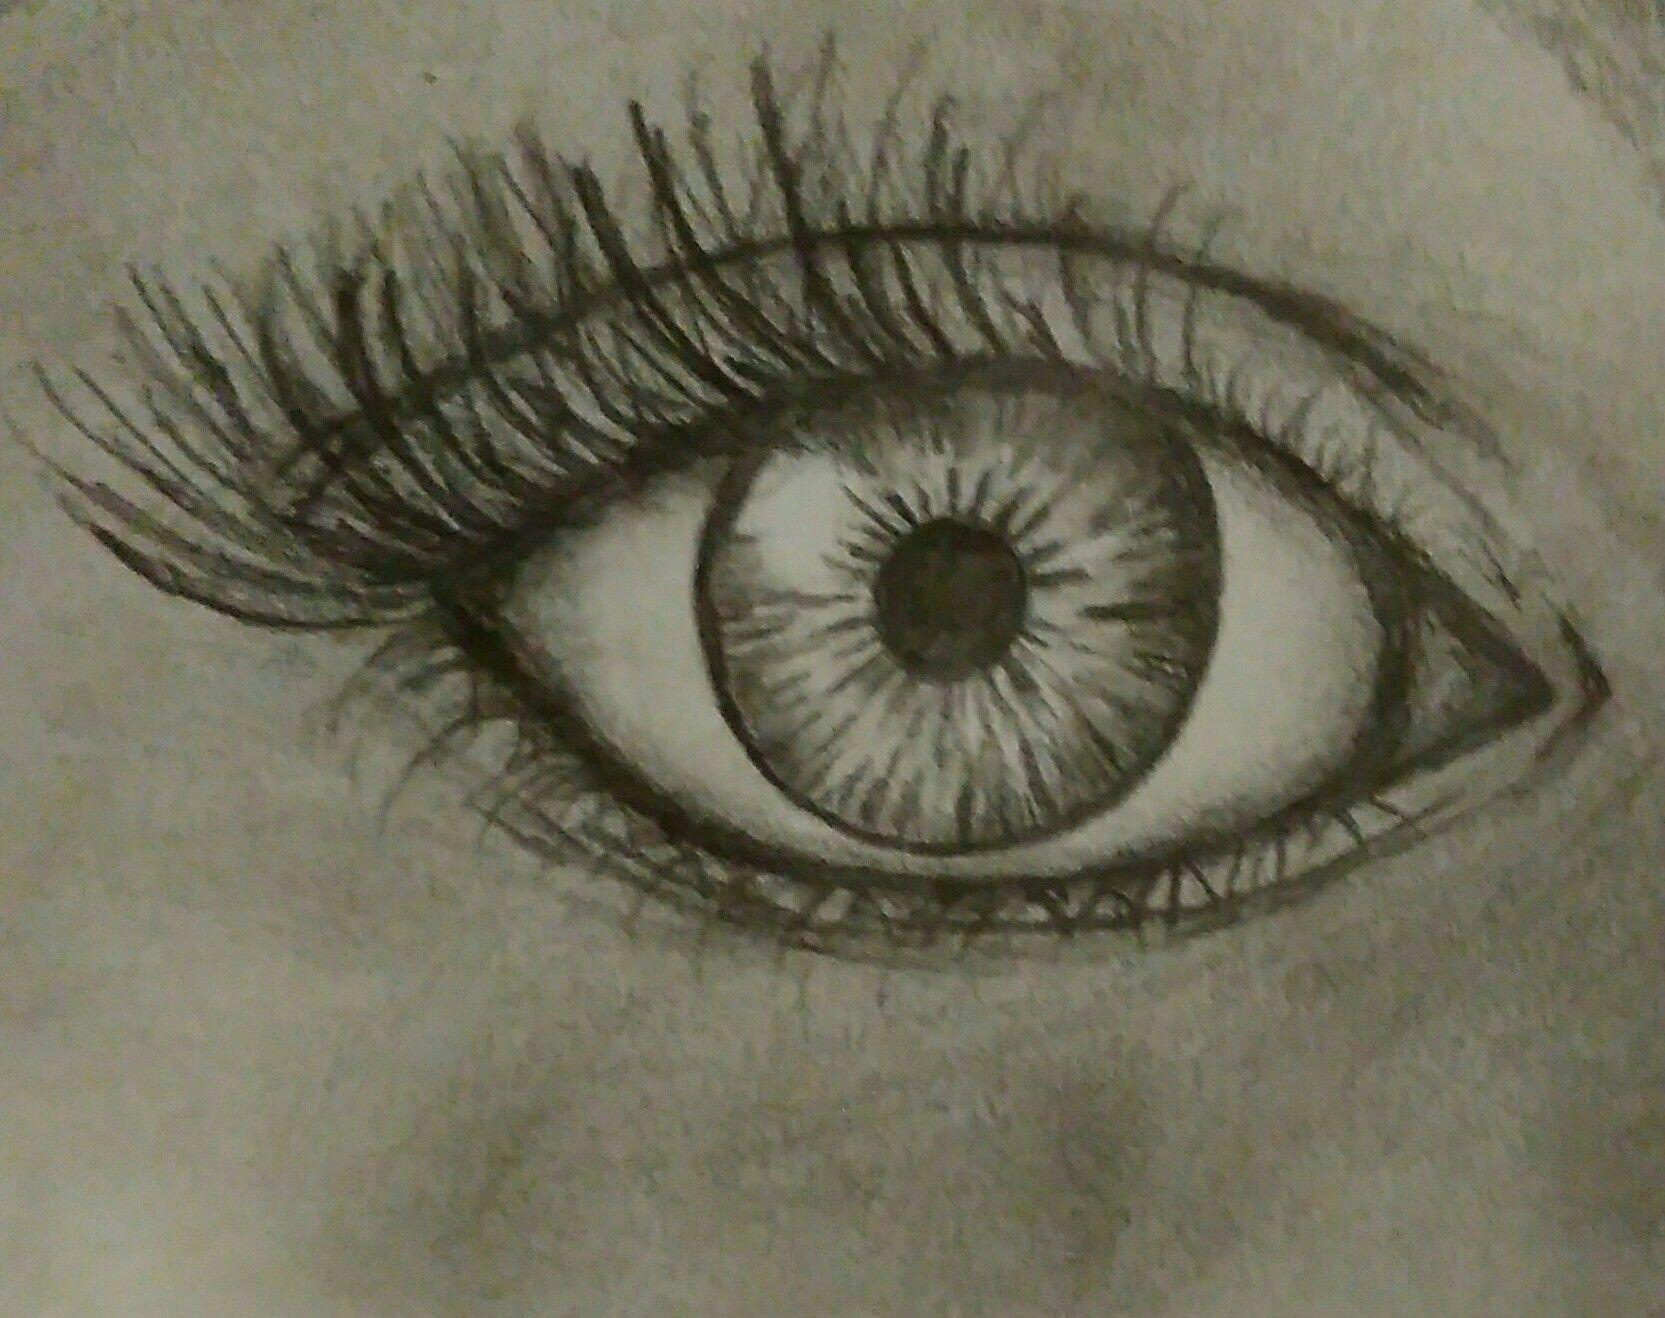 Eye drawing by Falyn Frame